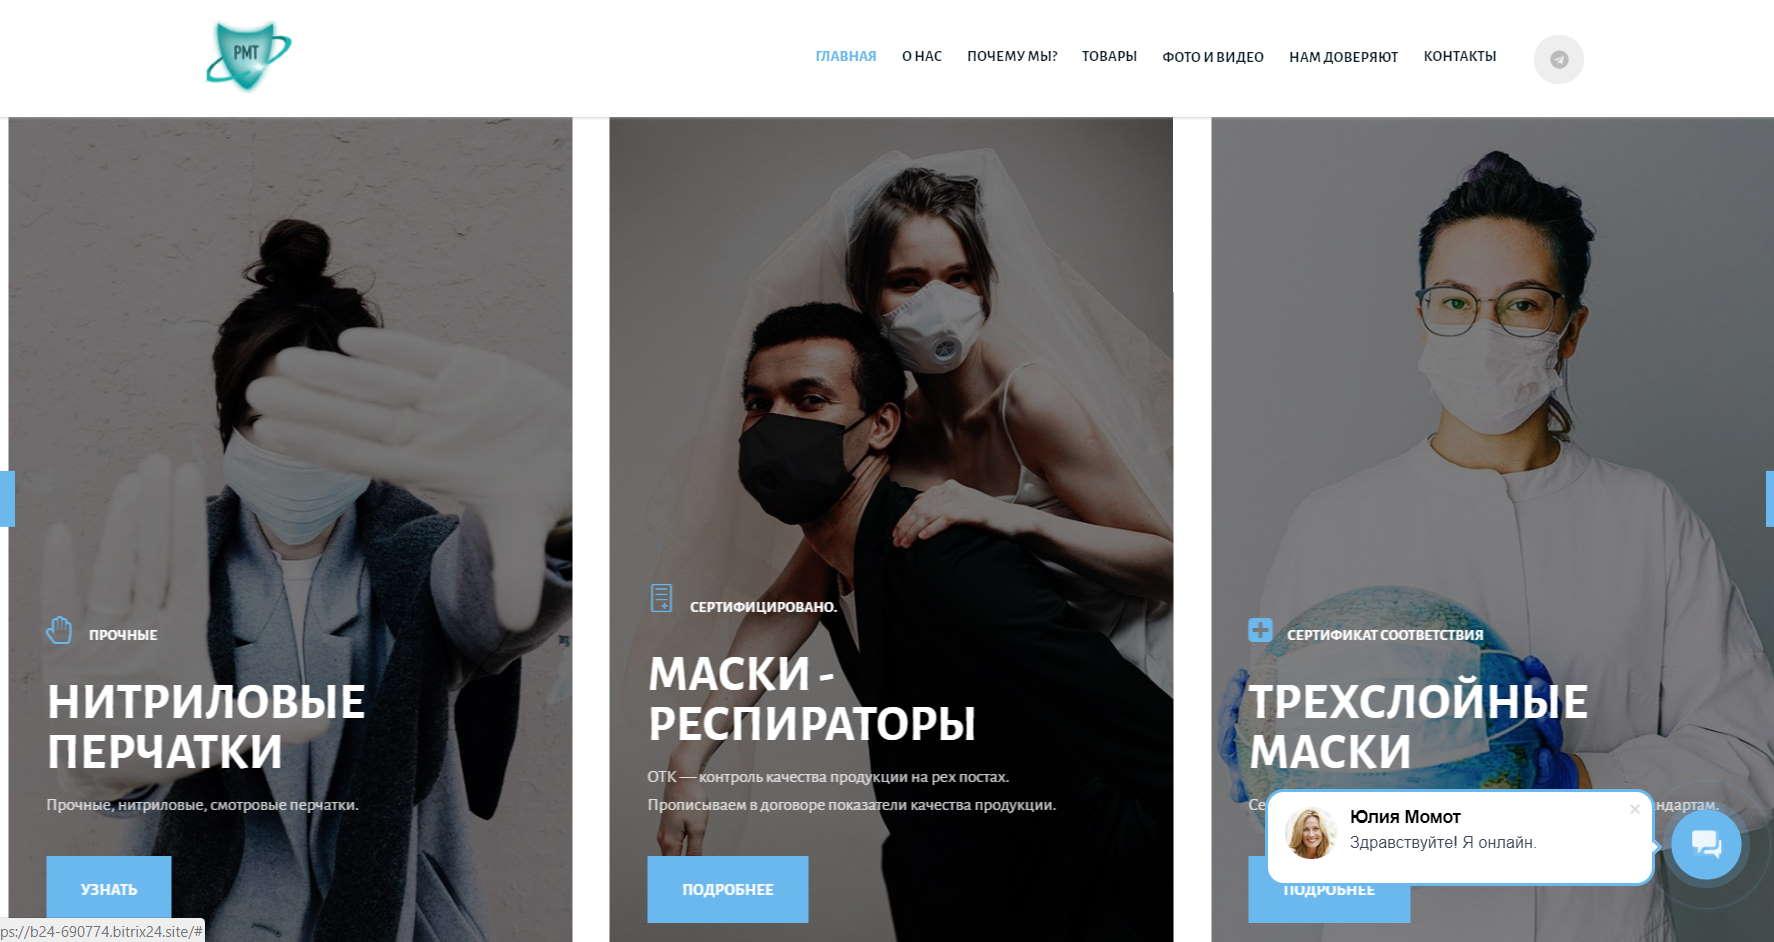 сайт производителя медицинских масок